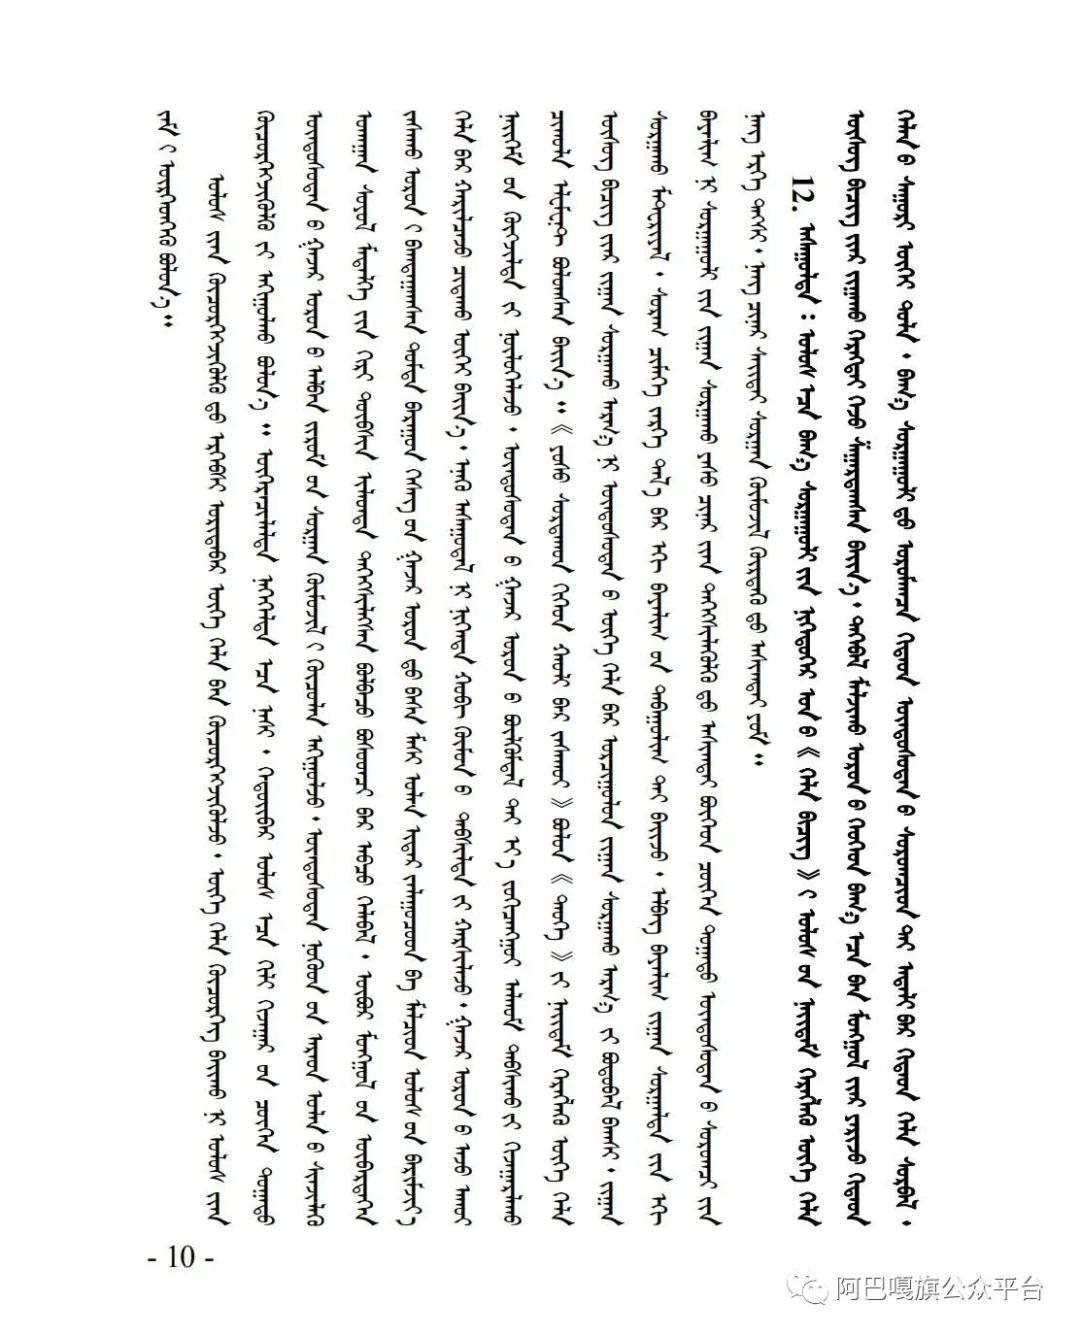 """锡林郭勒盟使用国家统编教材""""有问必答""""(第一期)(蒙汉文) 第10张 锡林郭勒盟使用国家统编教材""""有问必答""""(第一期)(蒙汉文) 蒙古文库"""